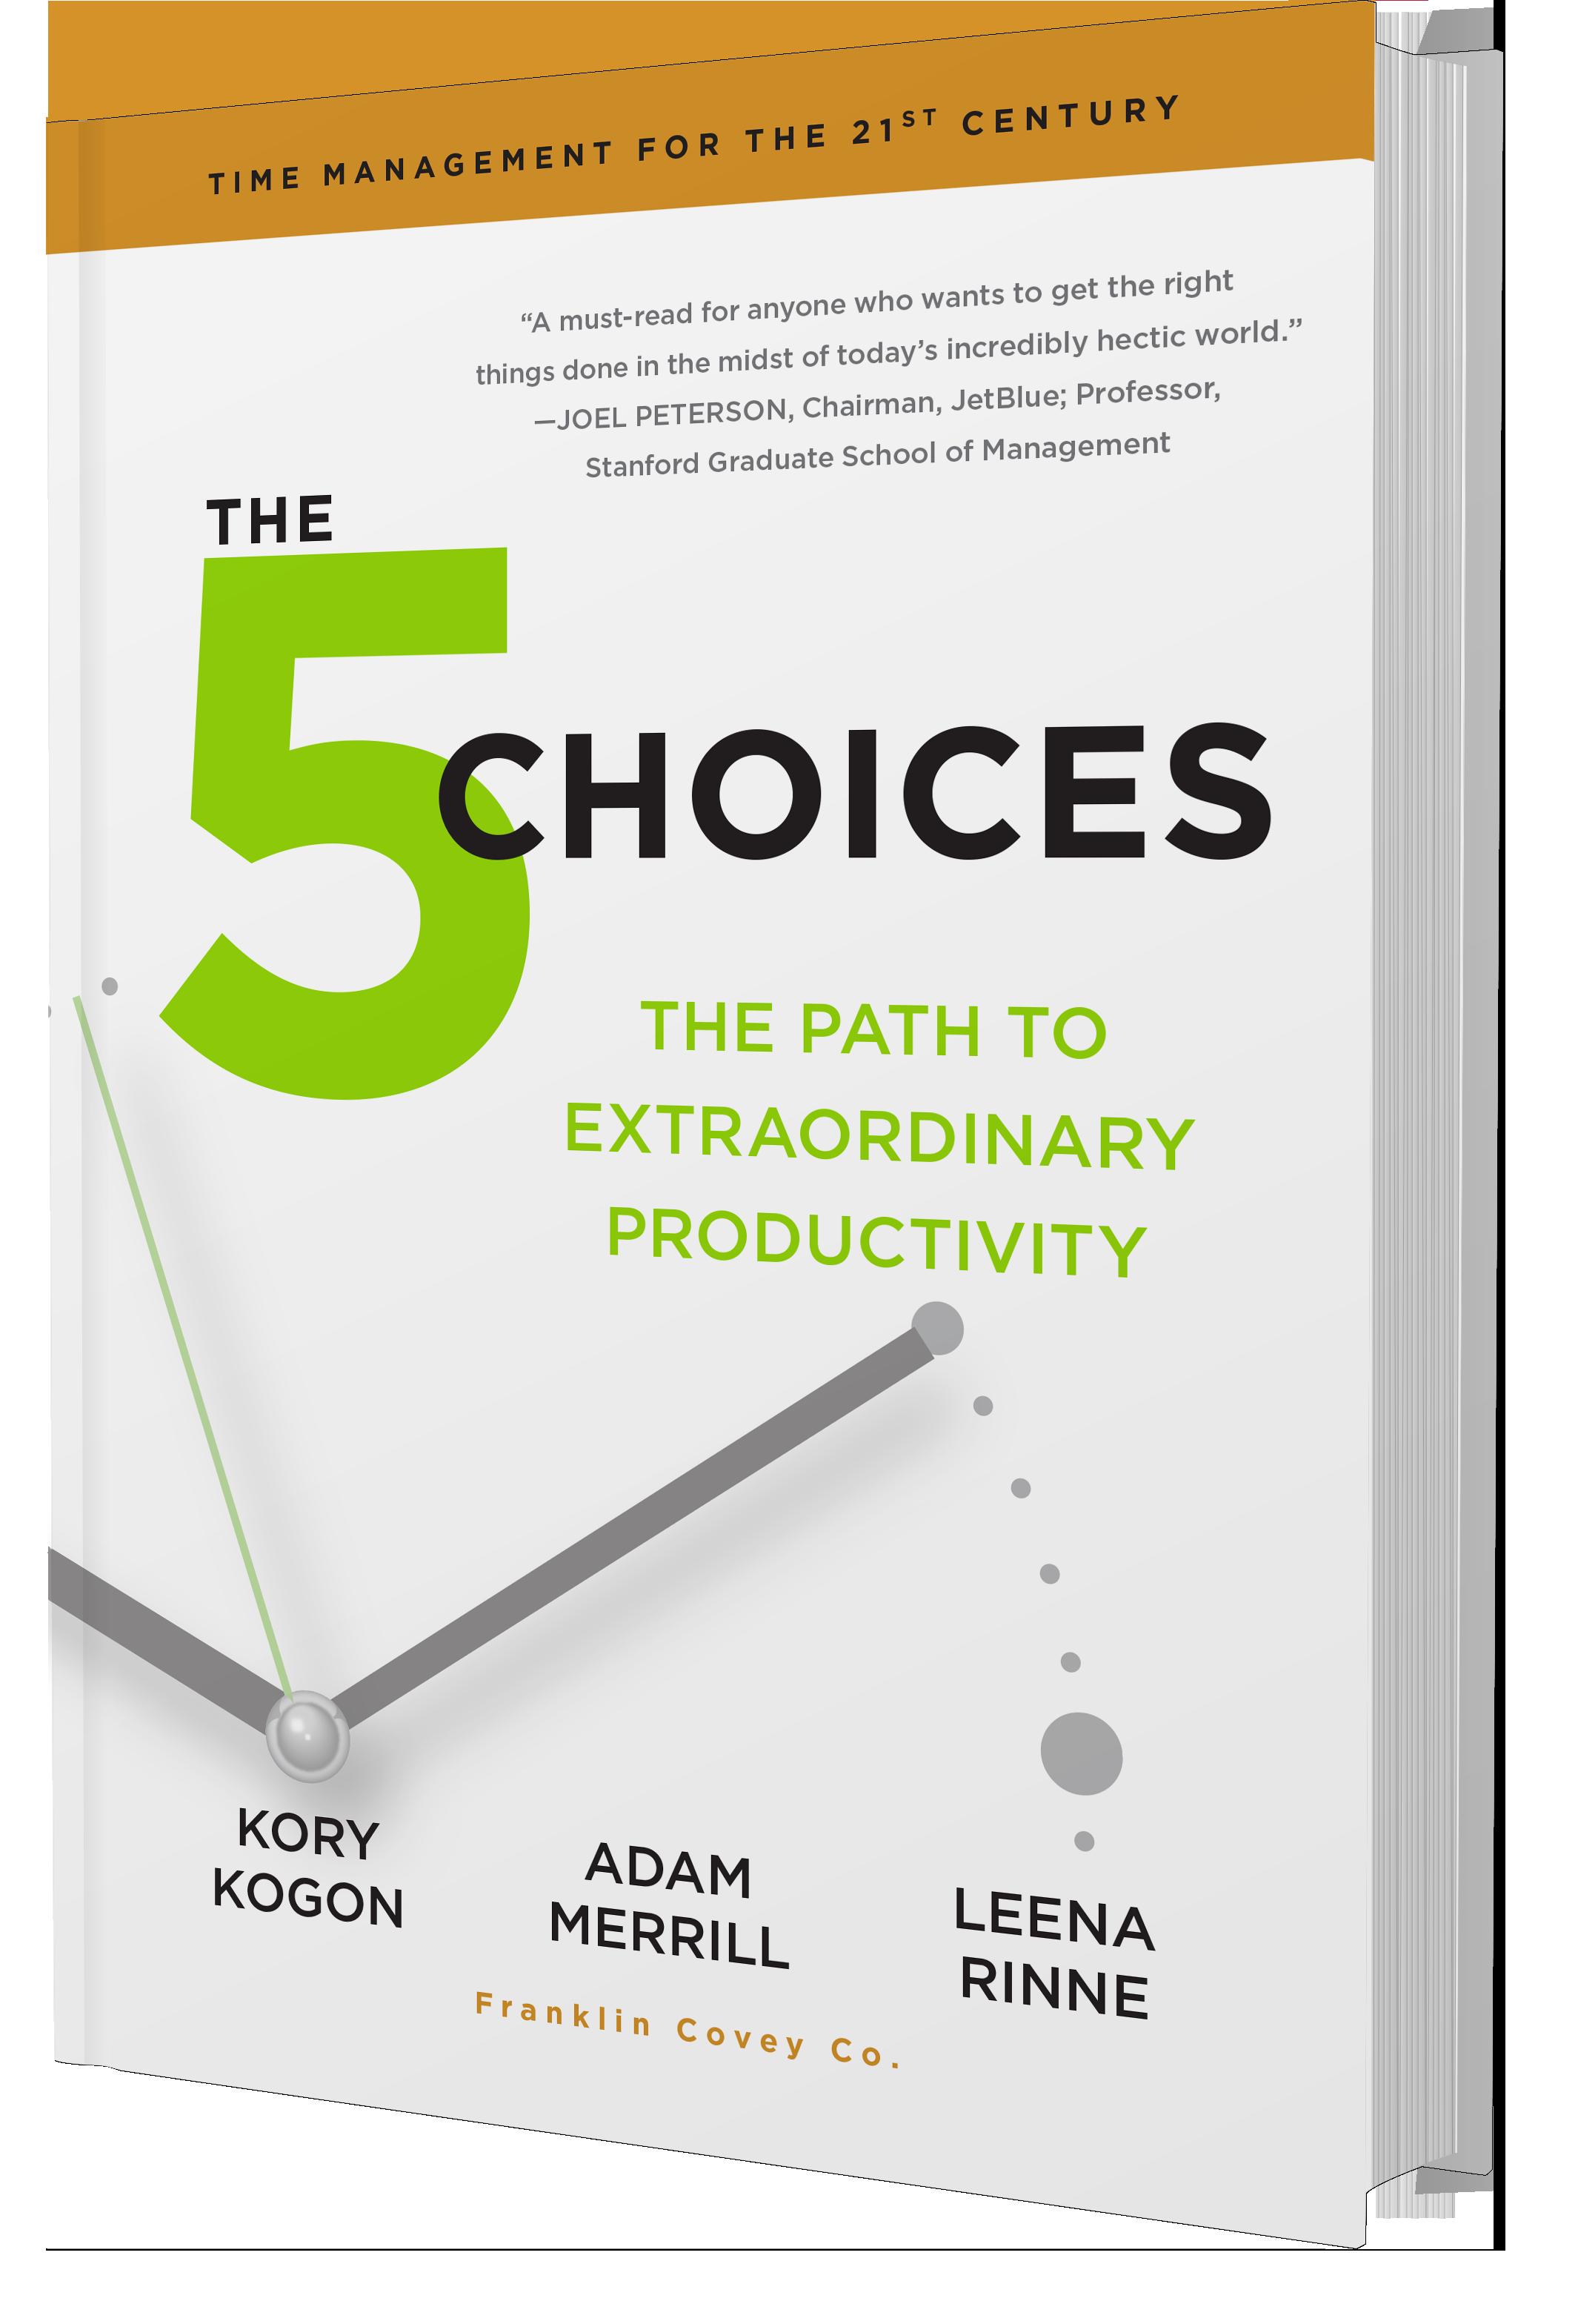 5 Choices 5 izvēles laika plānošana grāmata pirkt FranklinCovey Latvia kā uzlabot produktivitāti